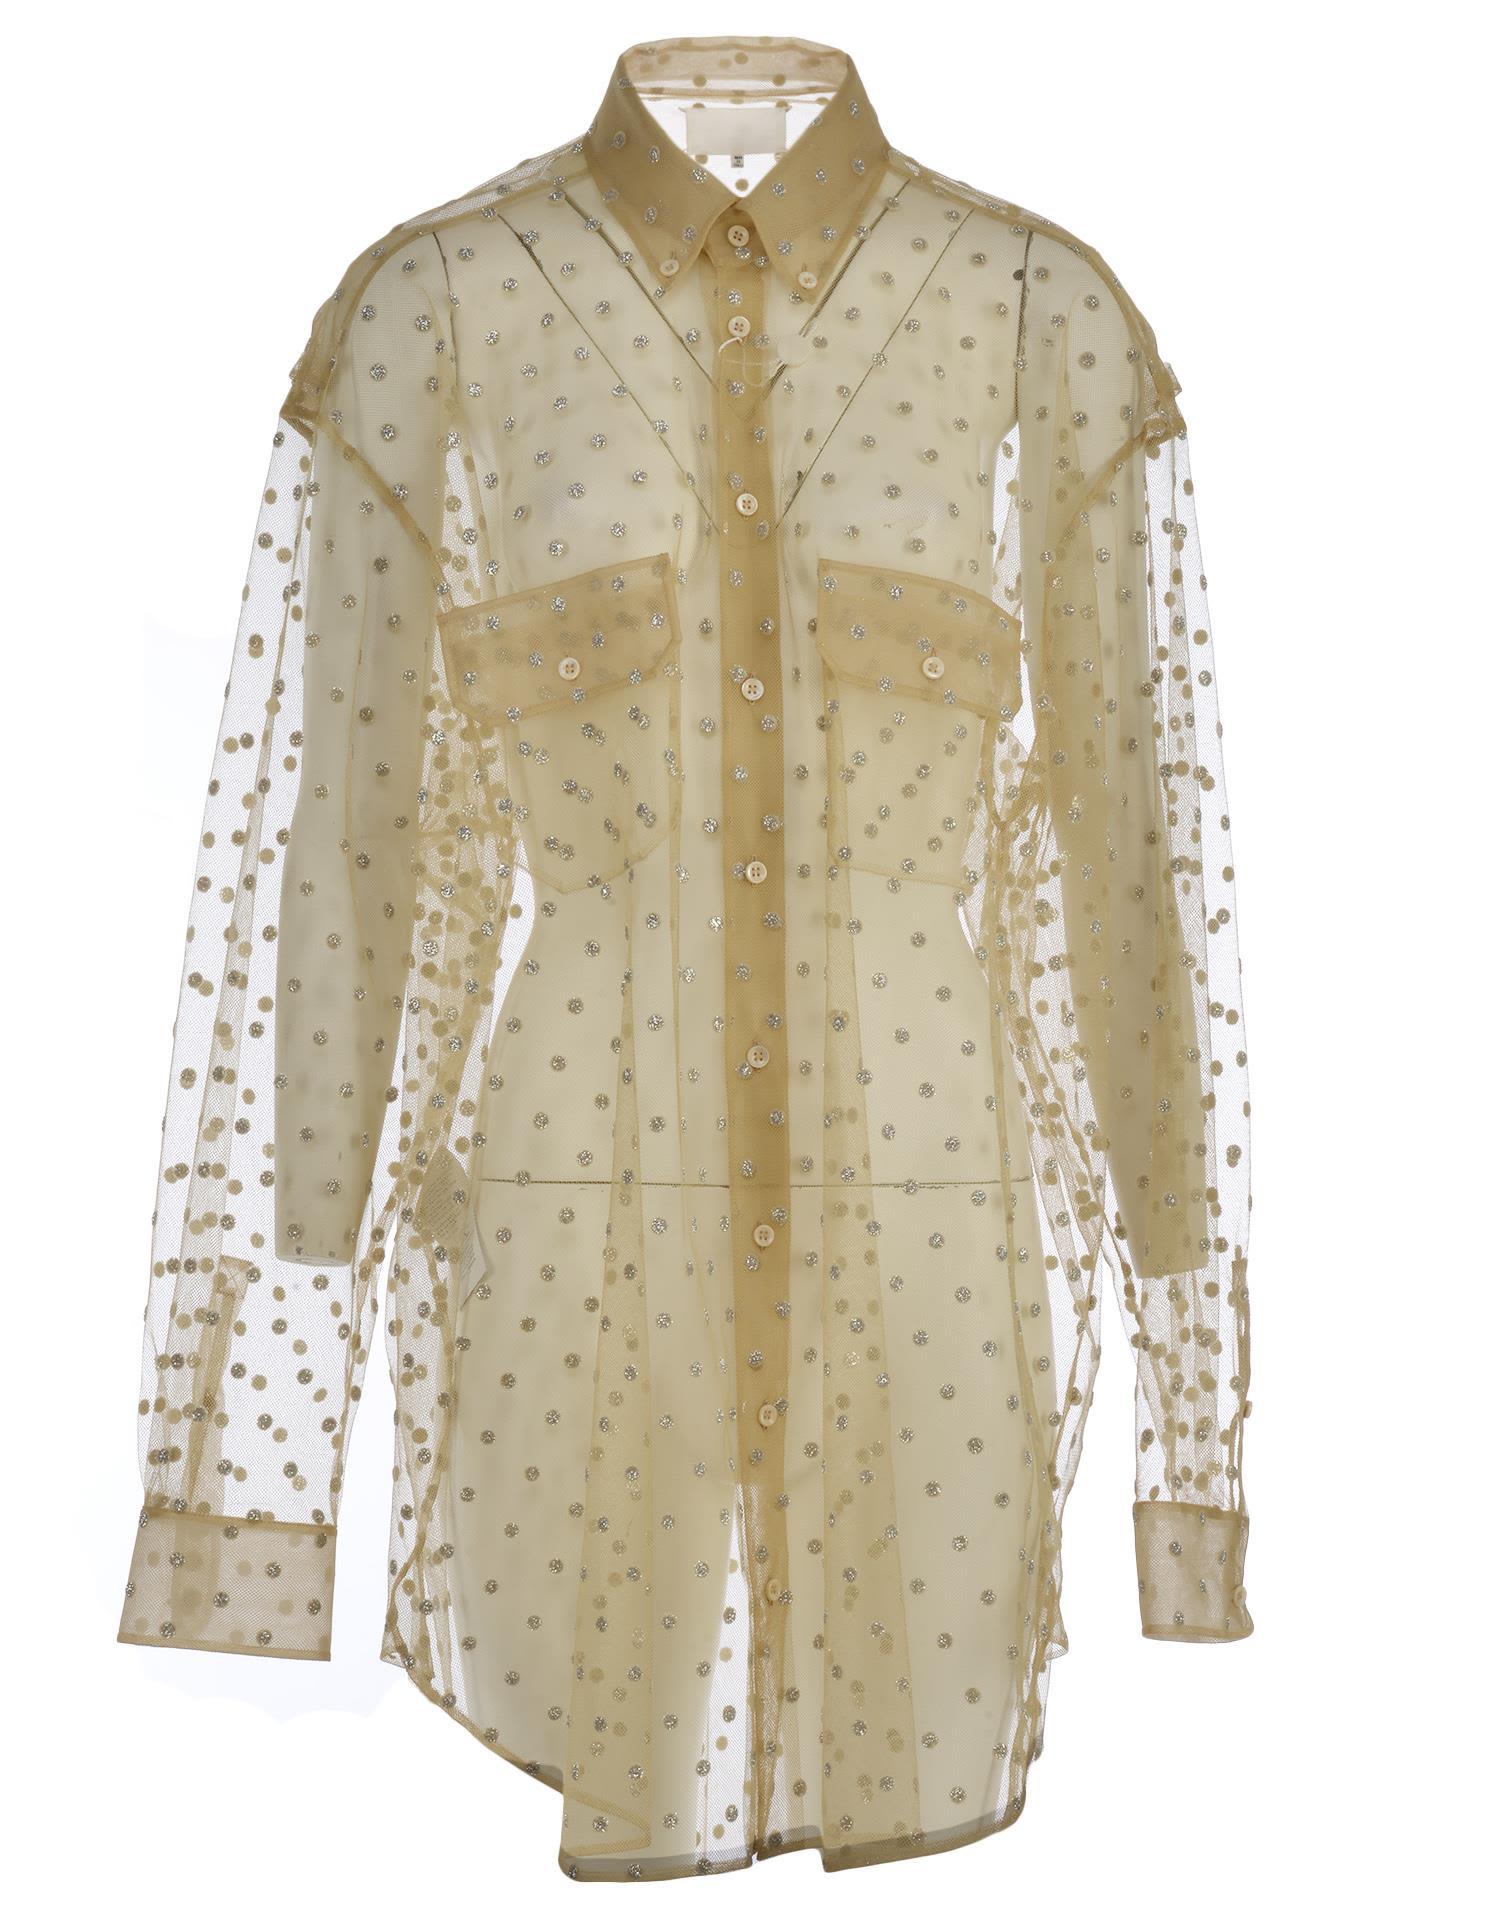 Maison Margiela Chemisier Sheer Dress